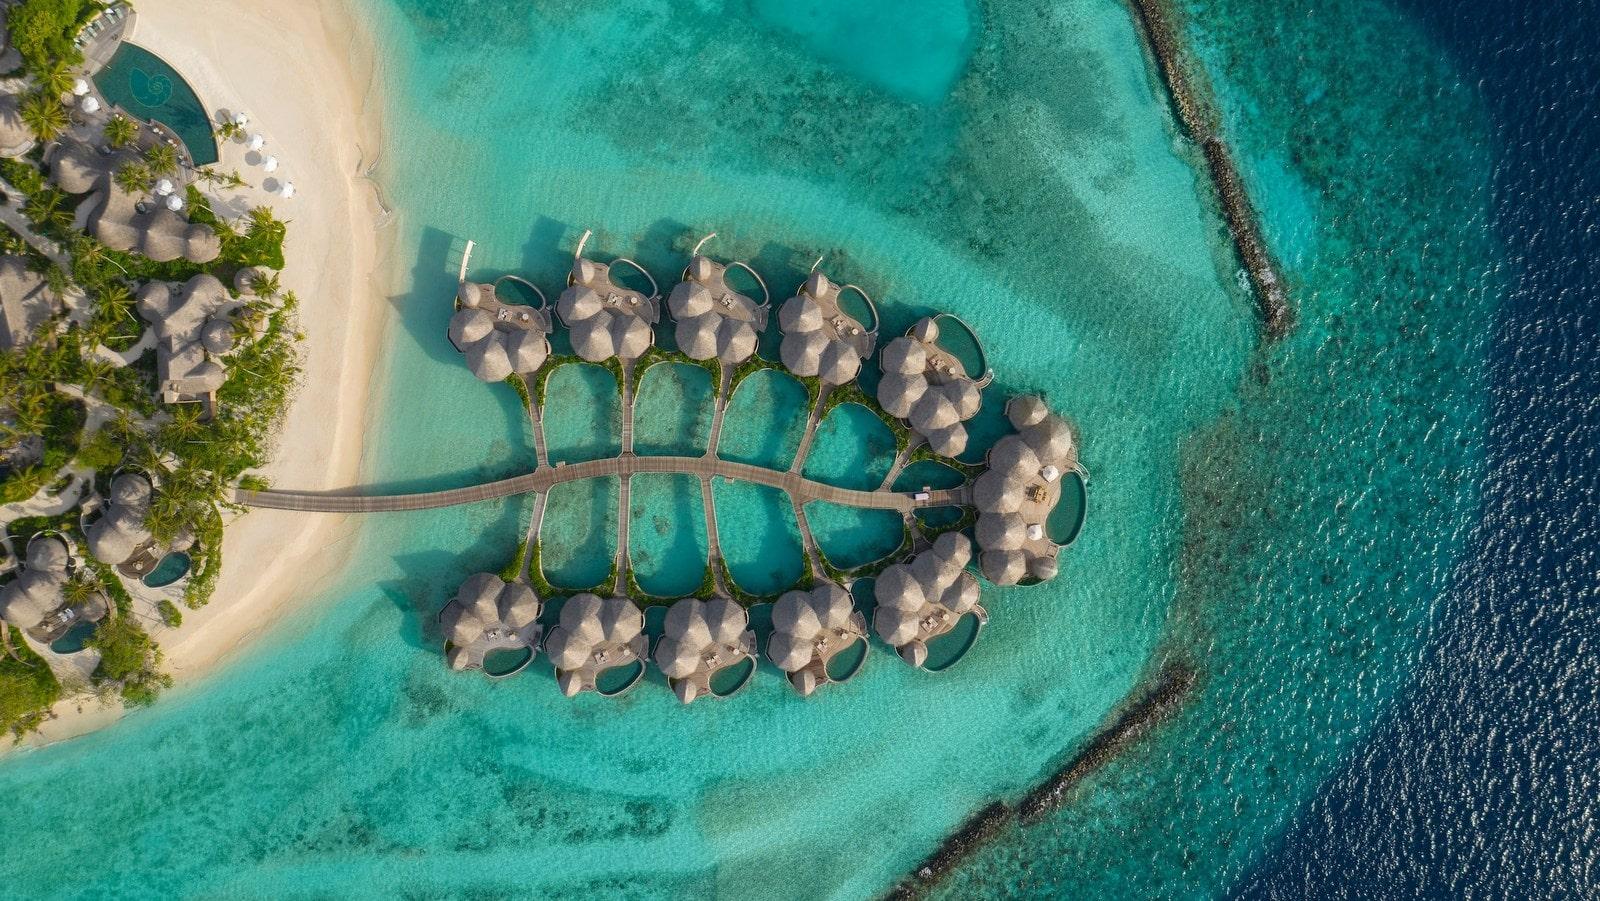 Мальдивы, отель The Nautilus Maldives, водные виллы